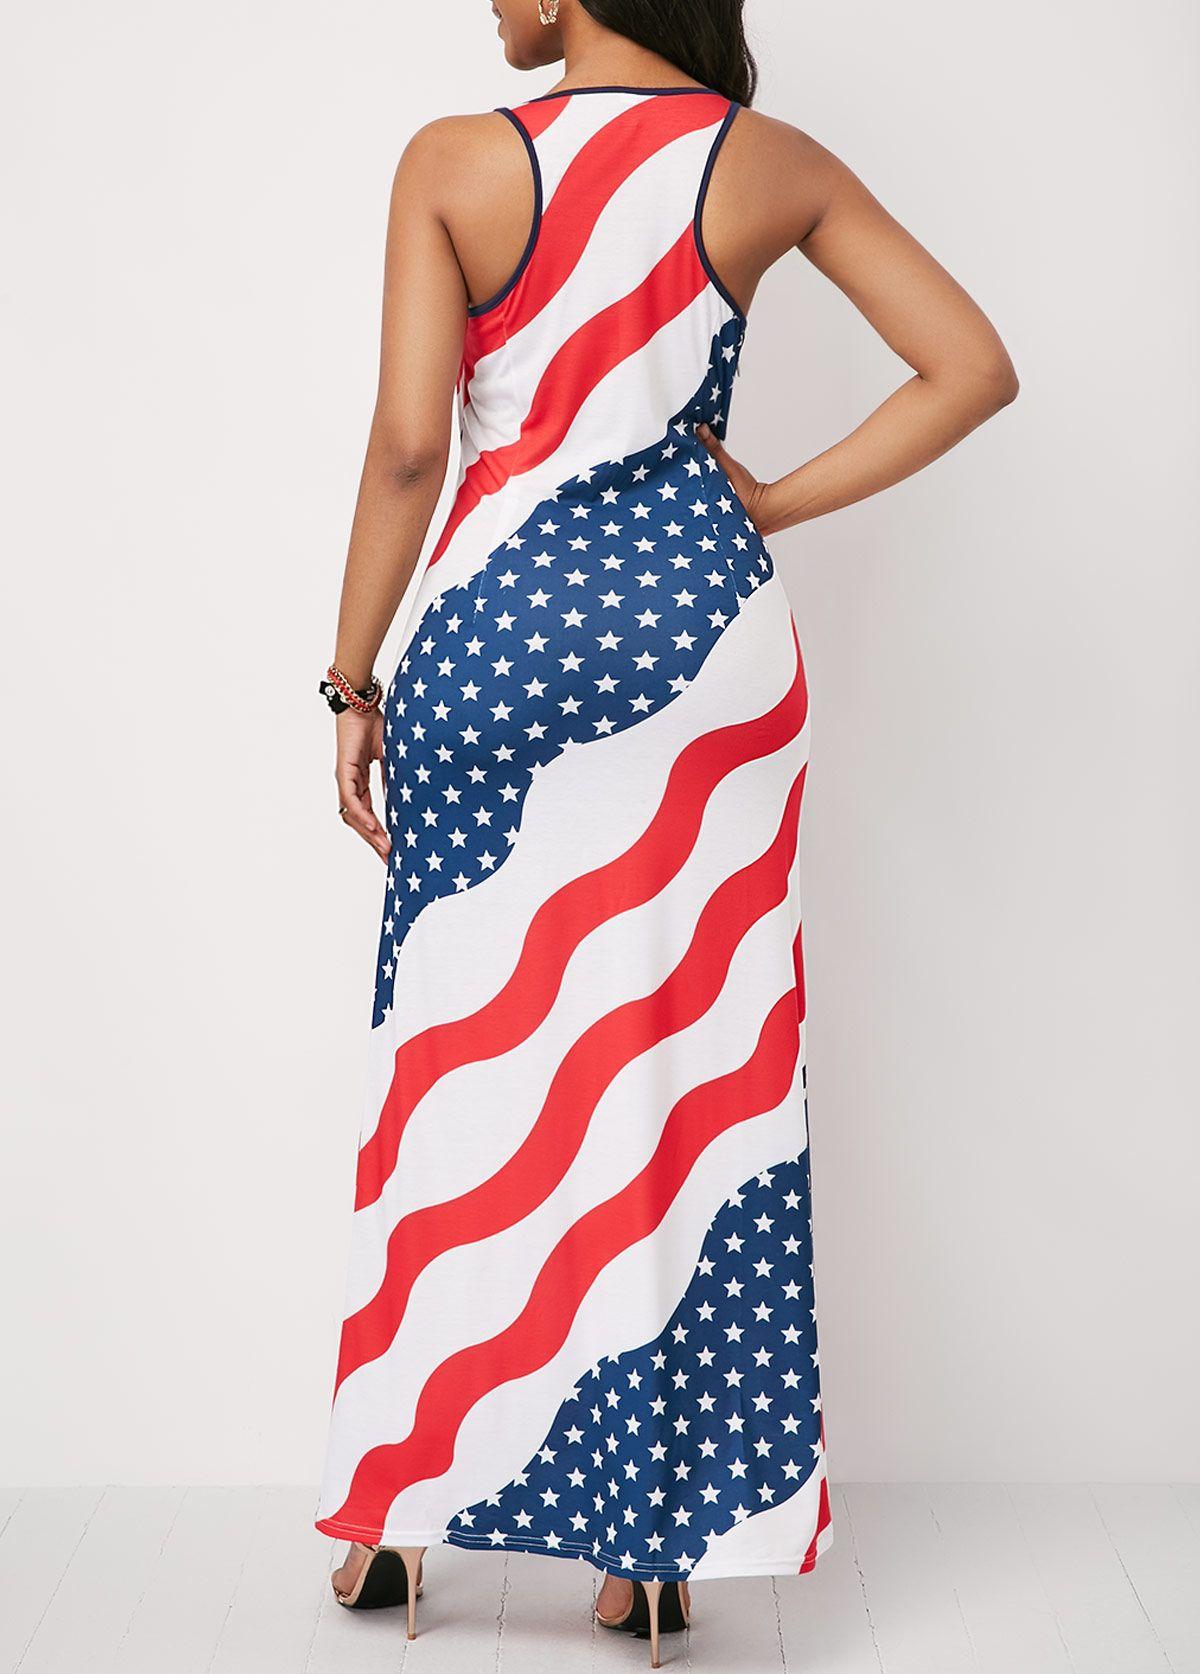 e77af084435e Round Neck Star Print Sleeveless Maxi Dress   Rosewe.com - USD $34.45